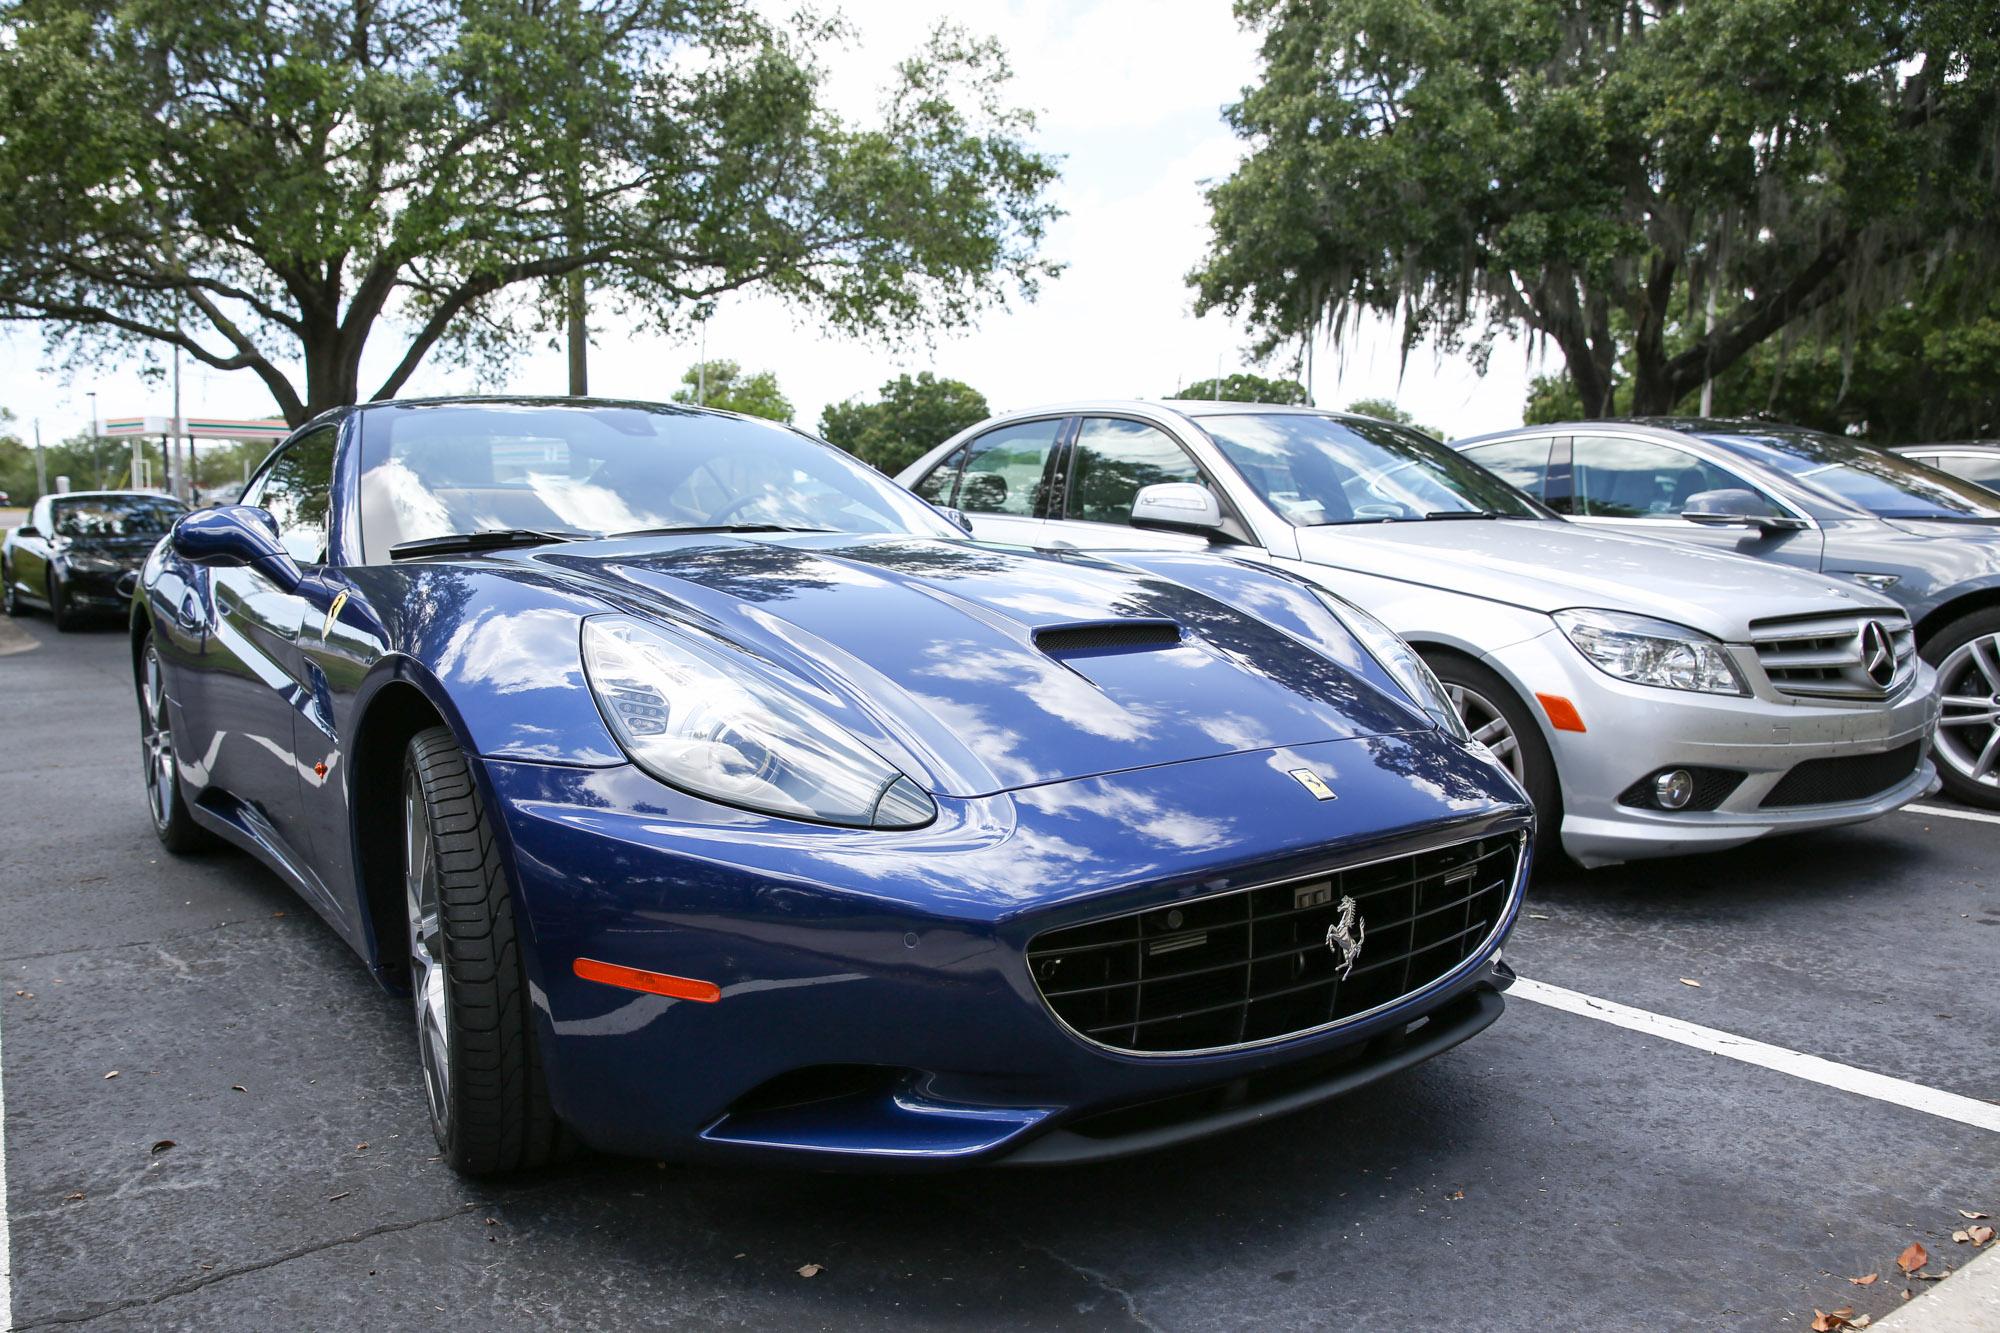 TeslaMotorsClub_Tampa_28APR13_0043.jpg